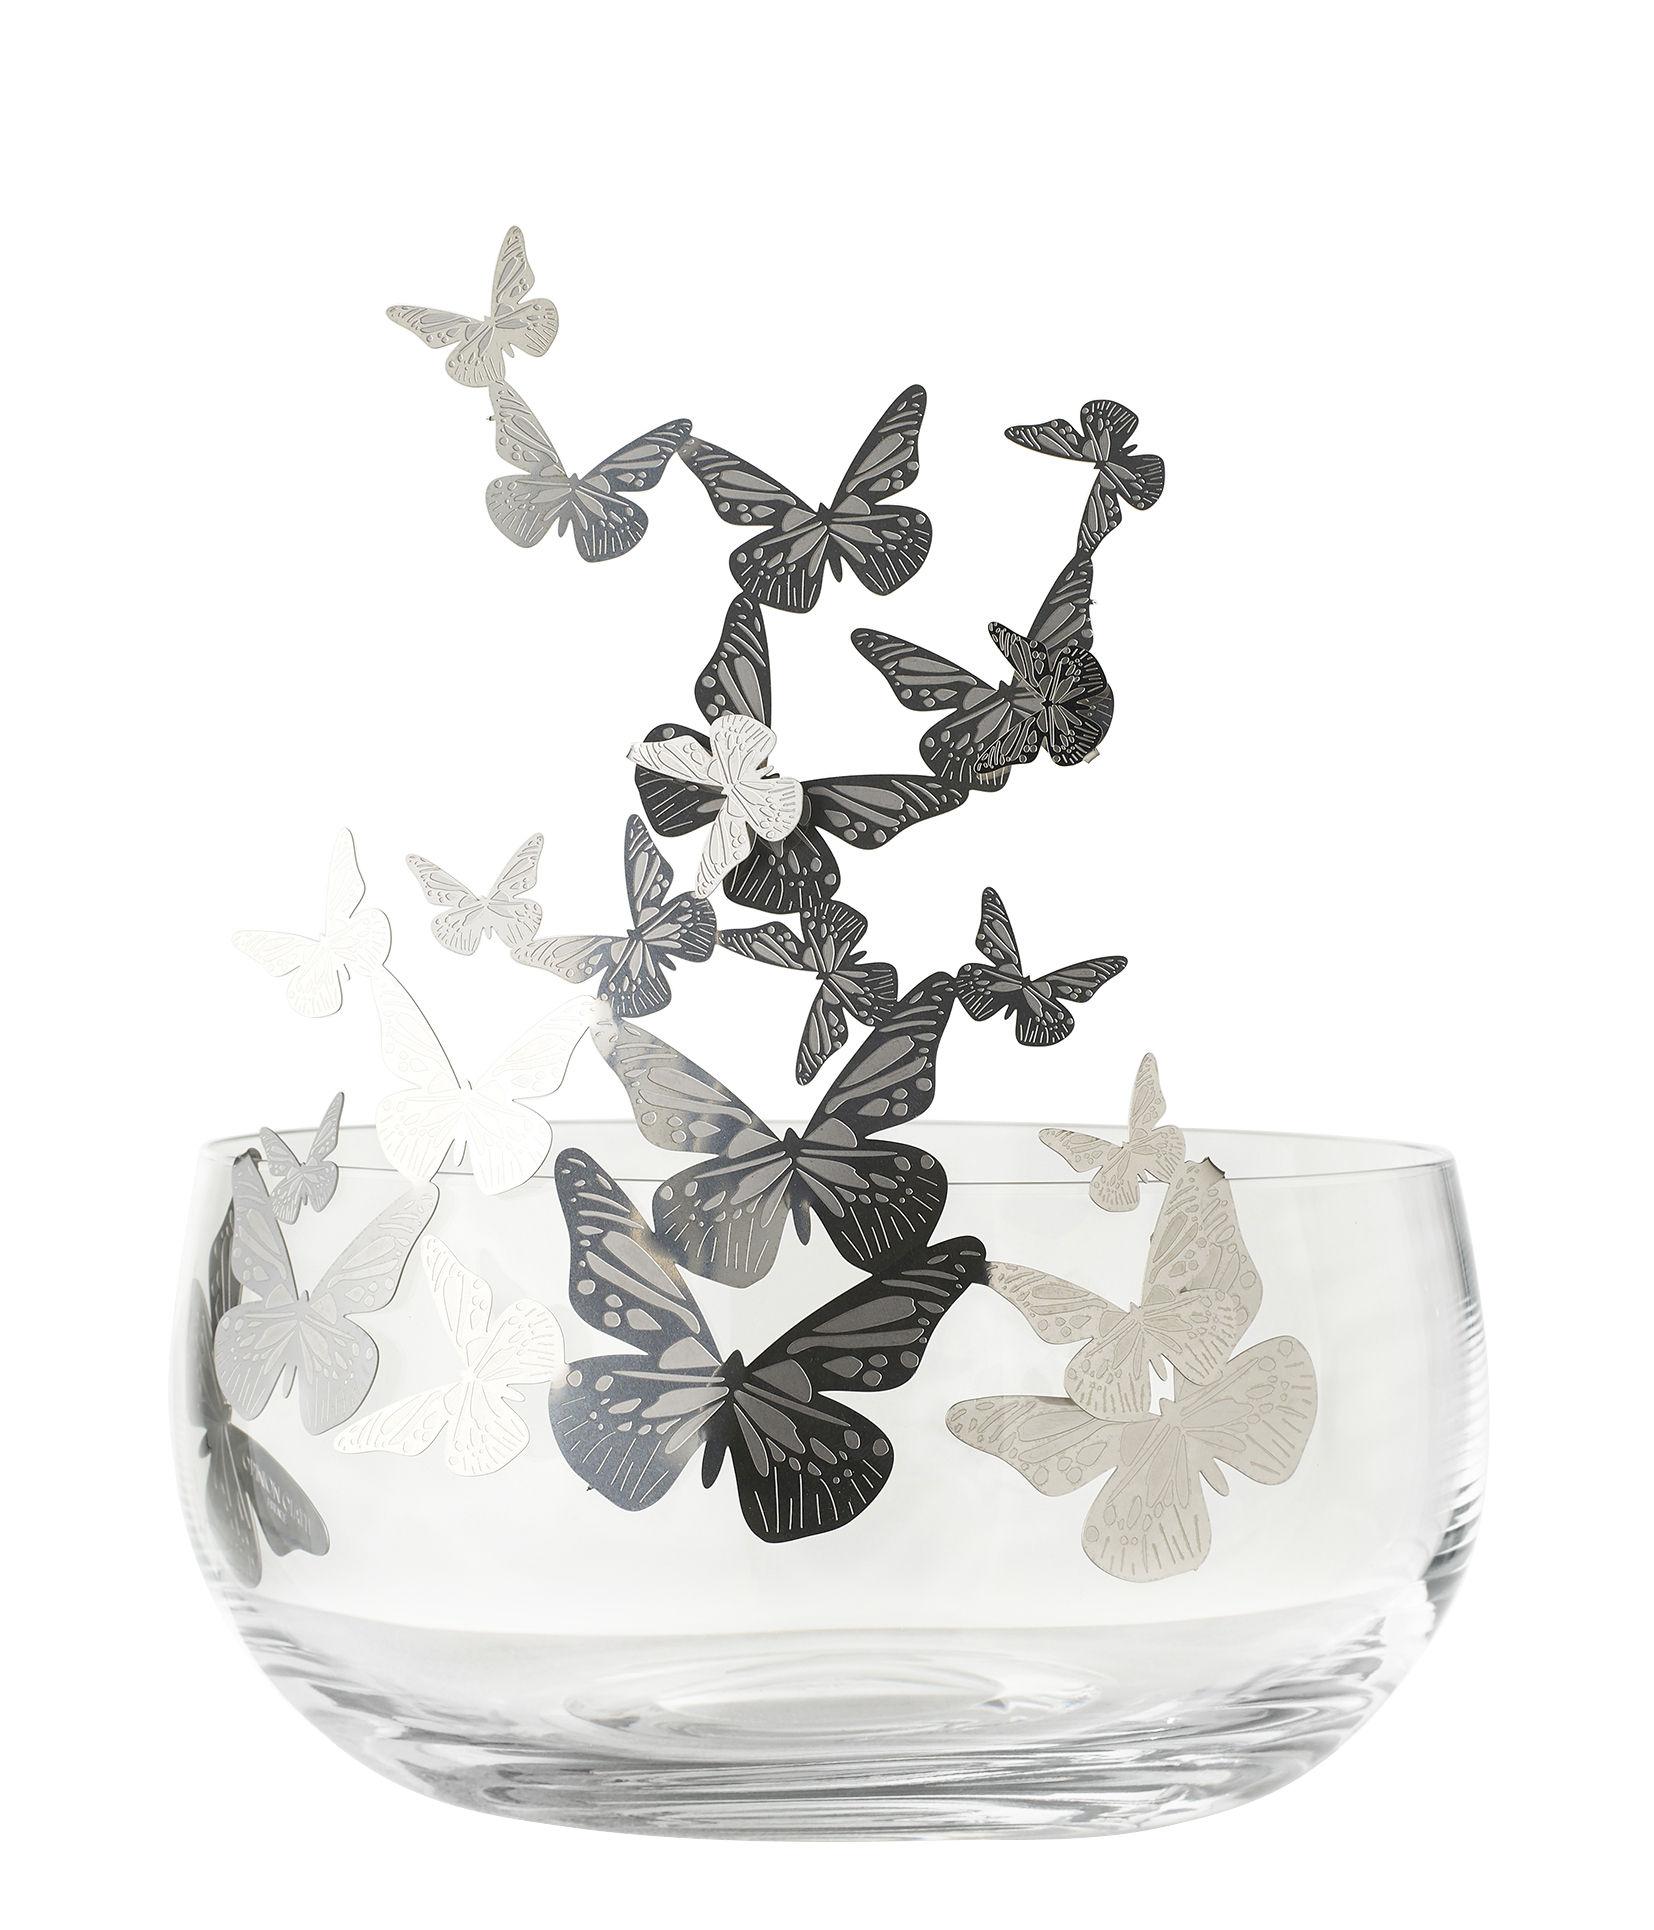 Déco - Vases - Centre de table Frutteti Papillons / Cristal & acier - Ø 21 cm - Opinion Ciatti - Papillons / Argent - Acier inoxydable, Cristal de Bohême